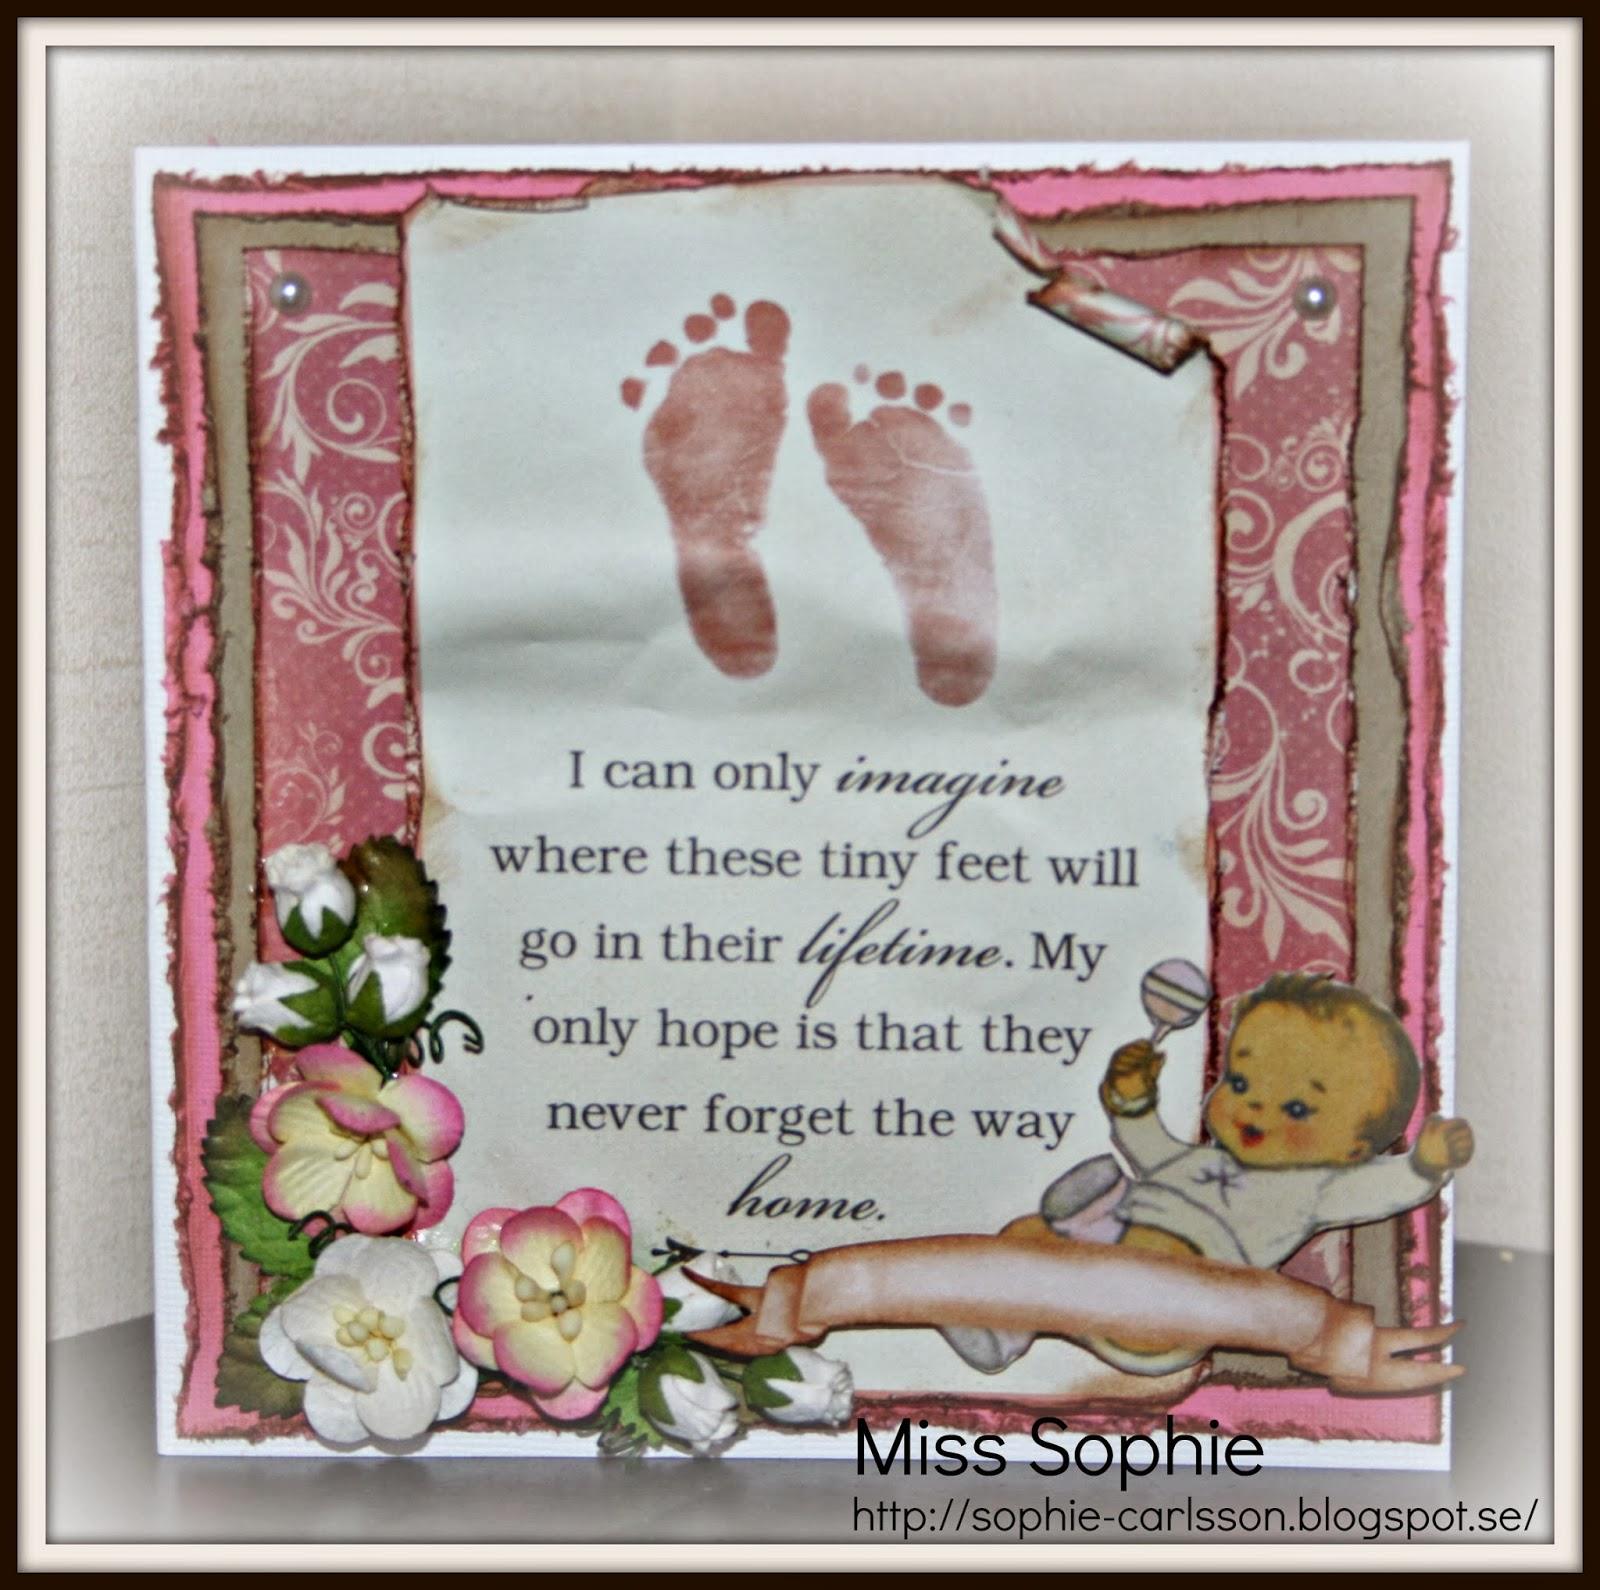 grattis babykort Miss Sophie scrappar grattis babykort